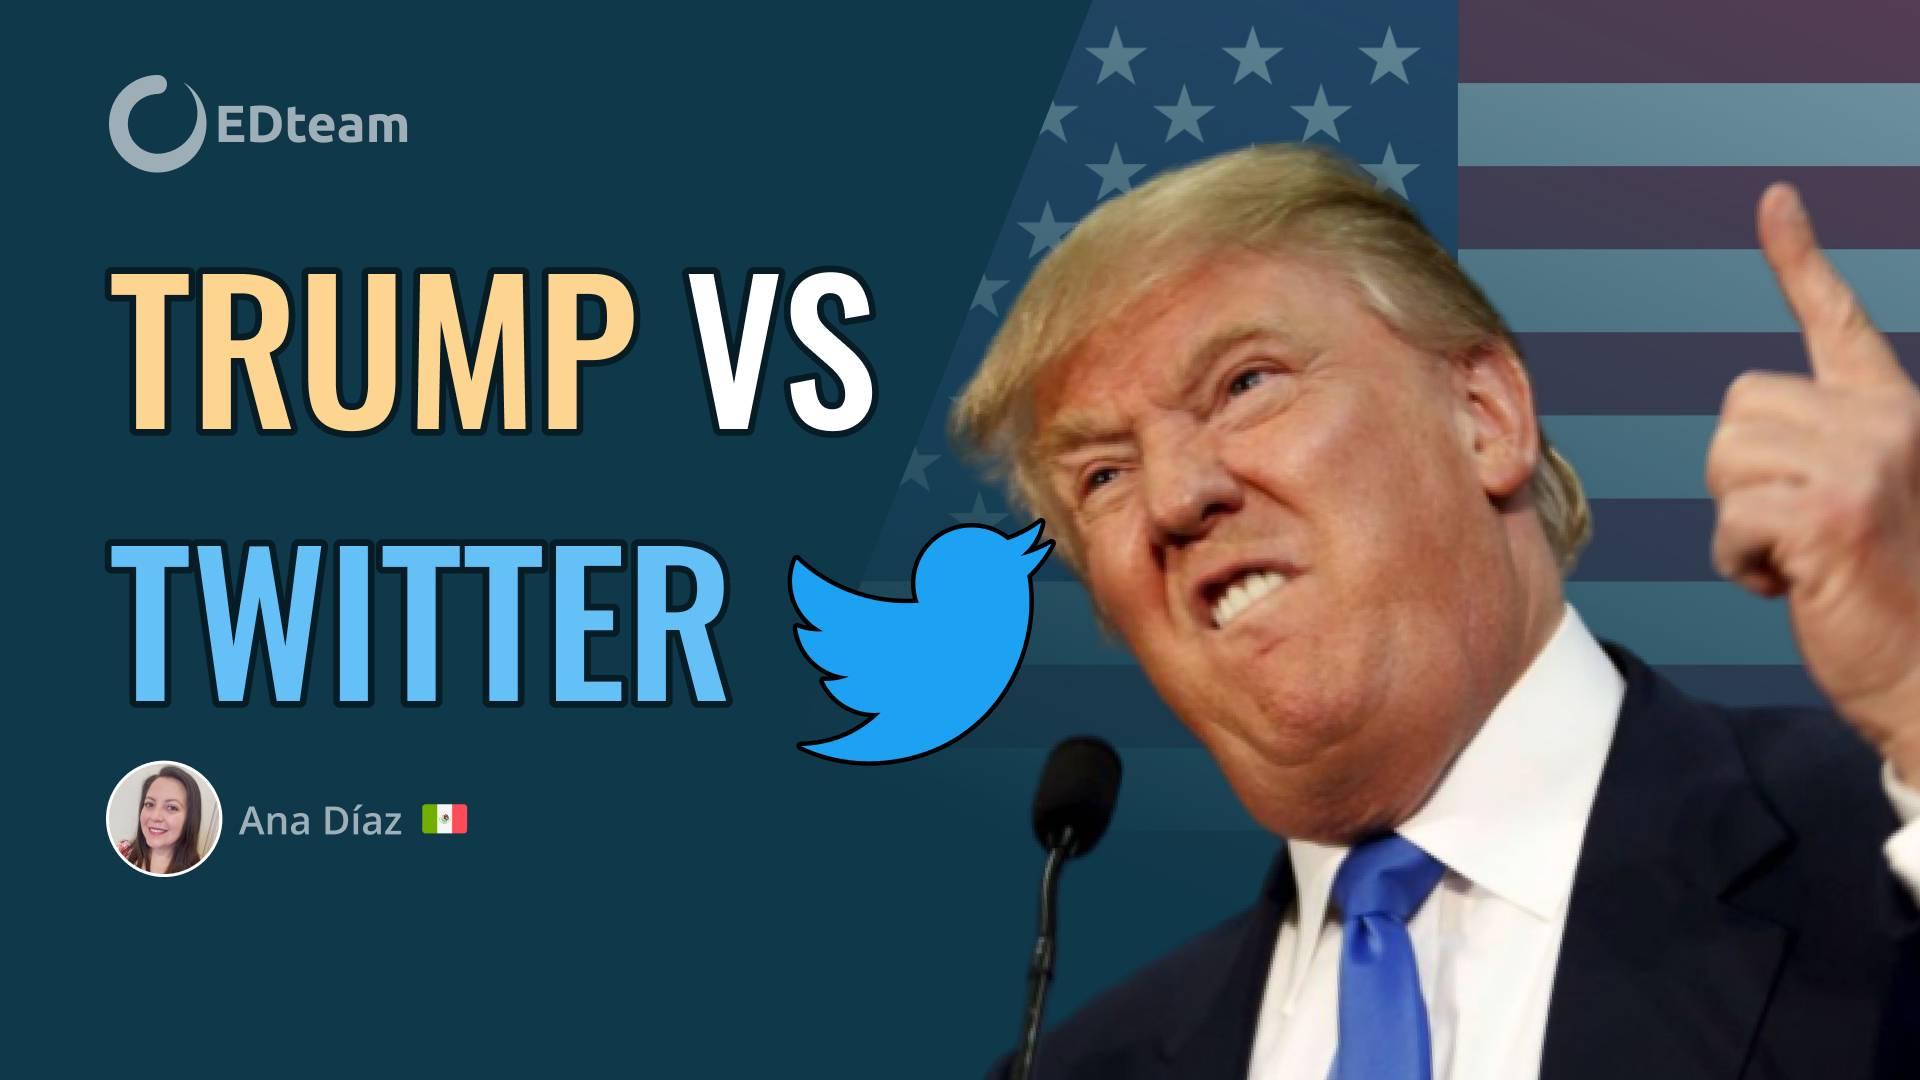 Trump vs Twitter, ¿qué pasará con las redes sociales?